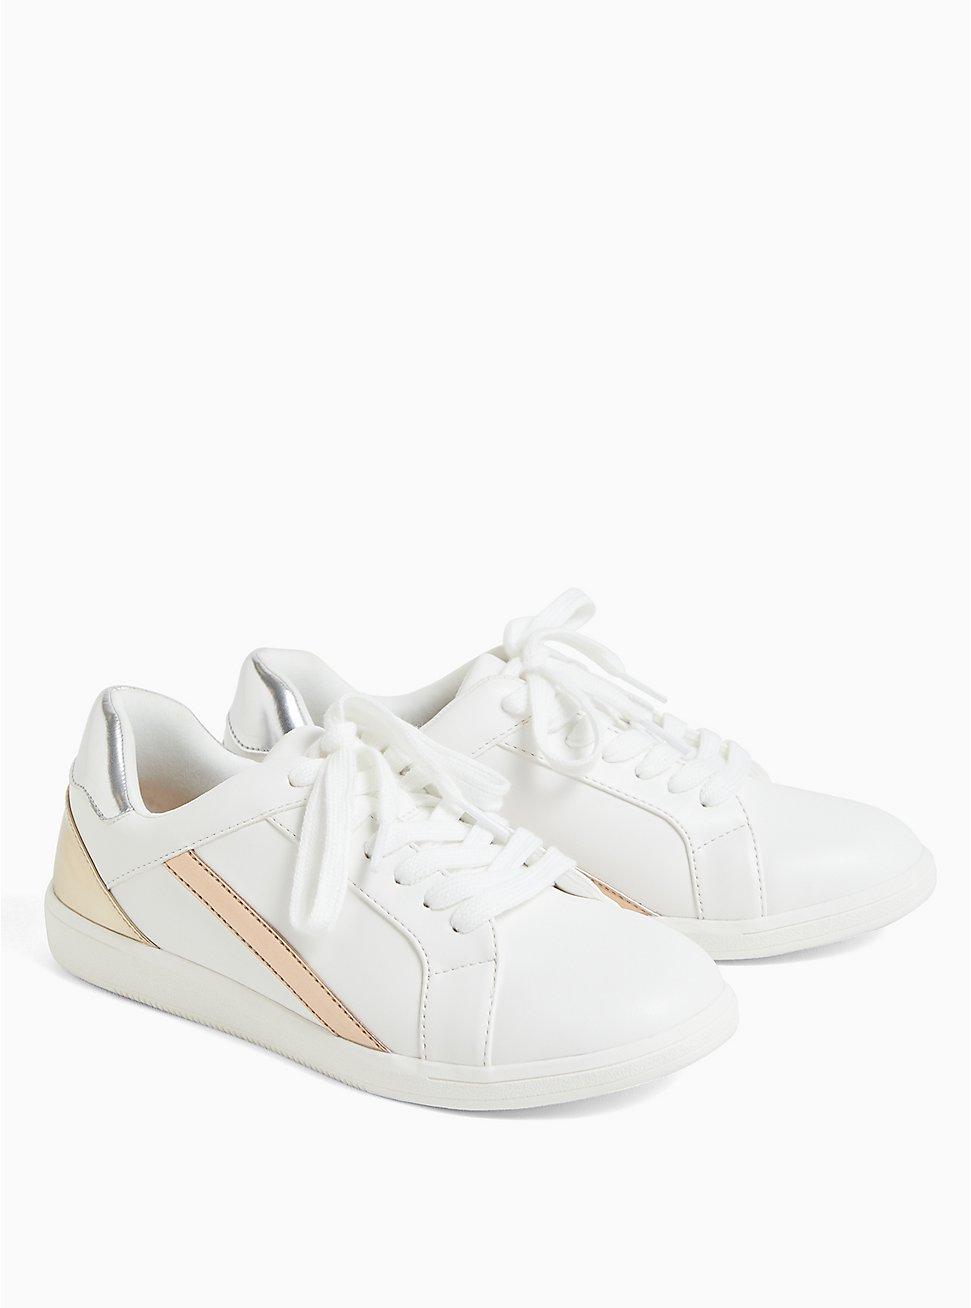 White Metallic Lace-Up Sneaker (WW), WHITE, hi-res